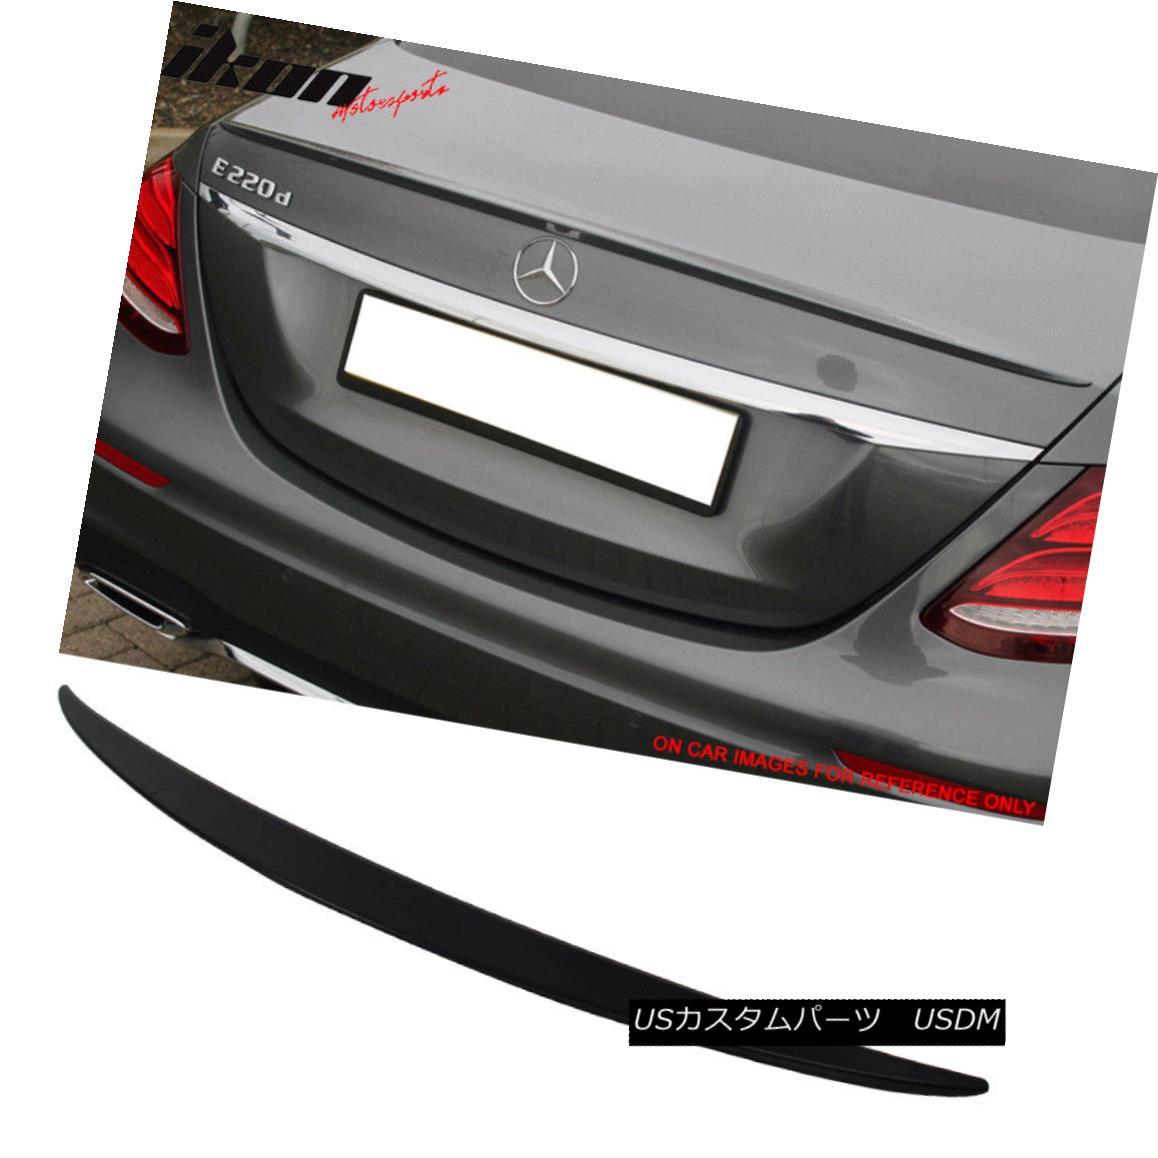 エアロパーツ 17-18 Benz E Class W213 Sedan OE Trunk Spoiler Painted #197 Obsidian Black 17-18ベンツEクラスW213セダンOEトランク・スポイラー・ペイント#197黒曜石